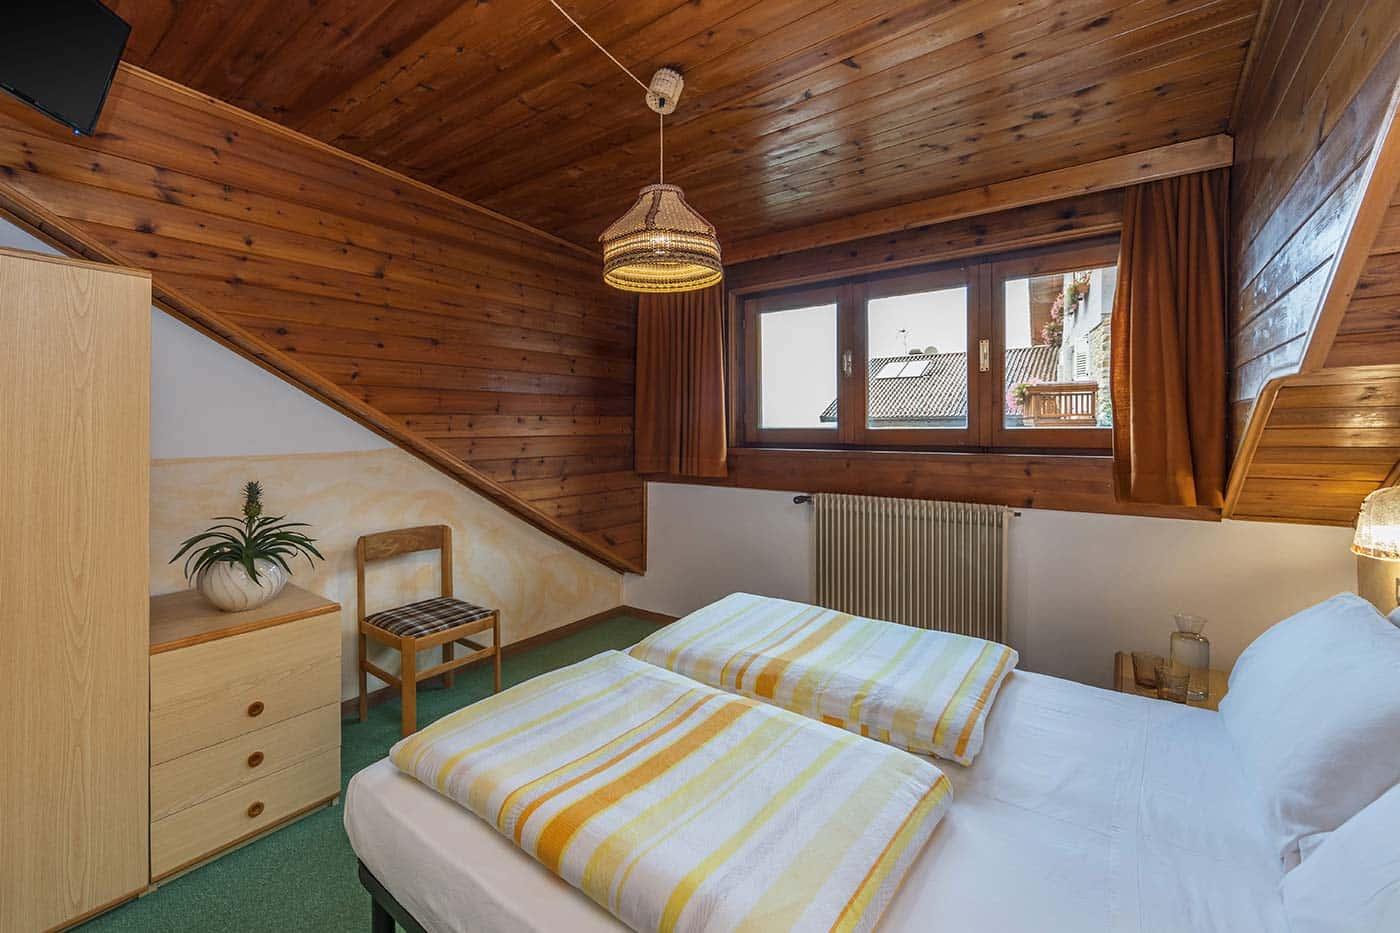 Alt-Spaur-hotel-camere-doppie